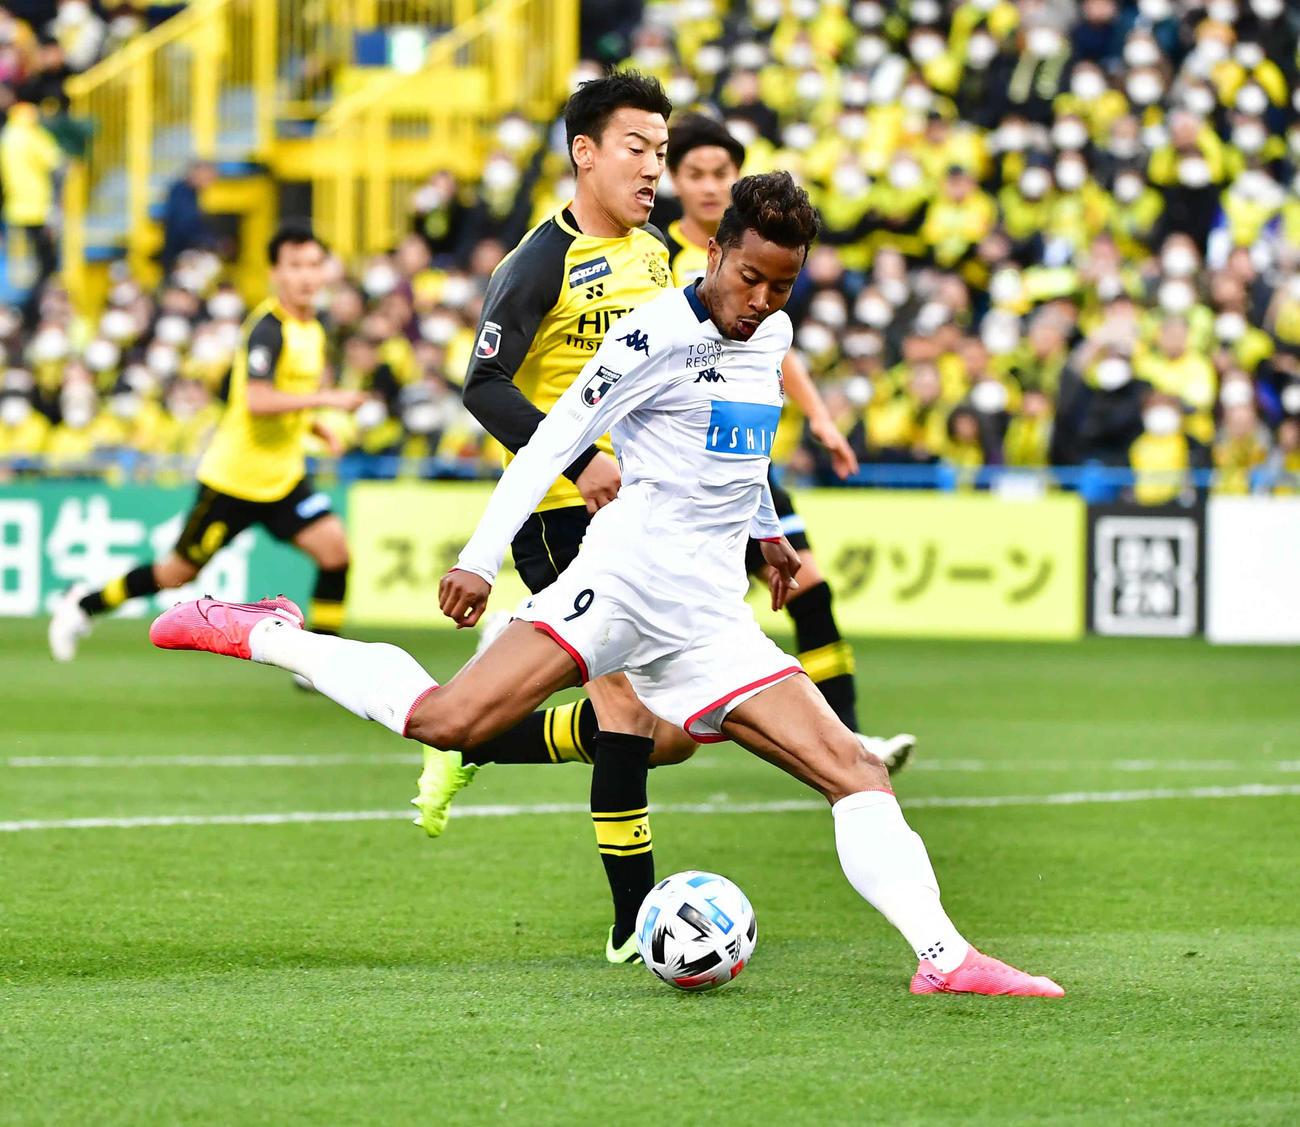 20年 J1柏対札幌 後半、札幌FW鈴木は柏DFをかわしゴールを奪う